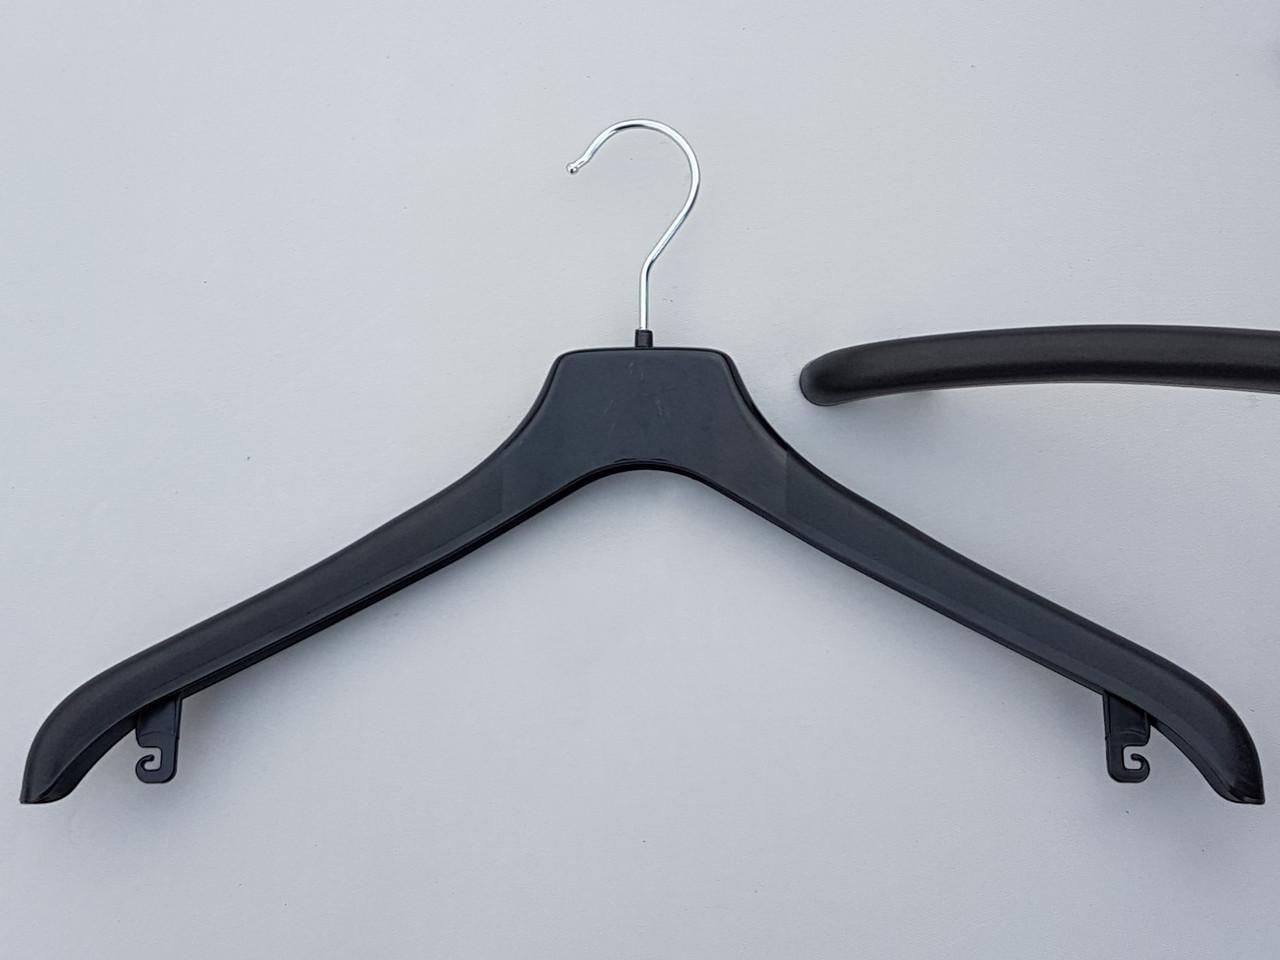 Плечики  вешалки  тремпеля Coronet NF-44 шероховатый  черного цвета, длина 44 см